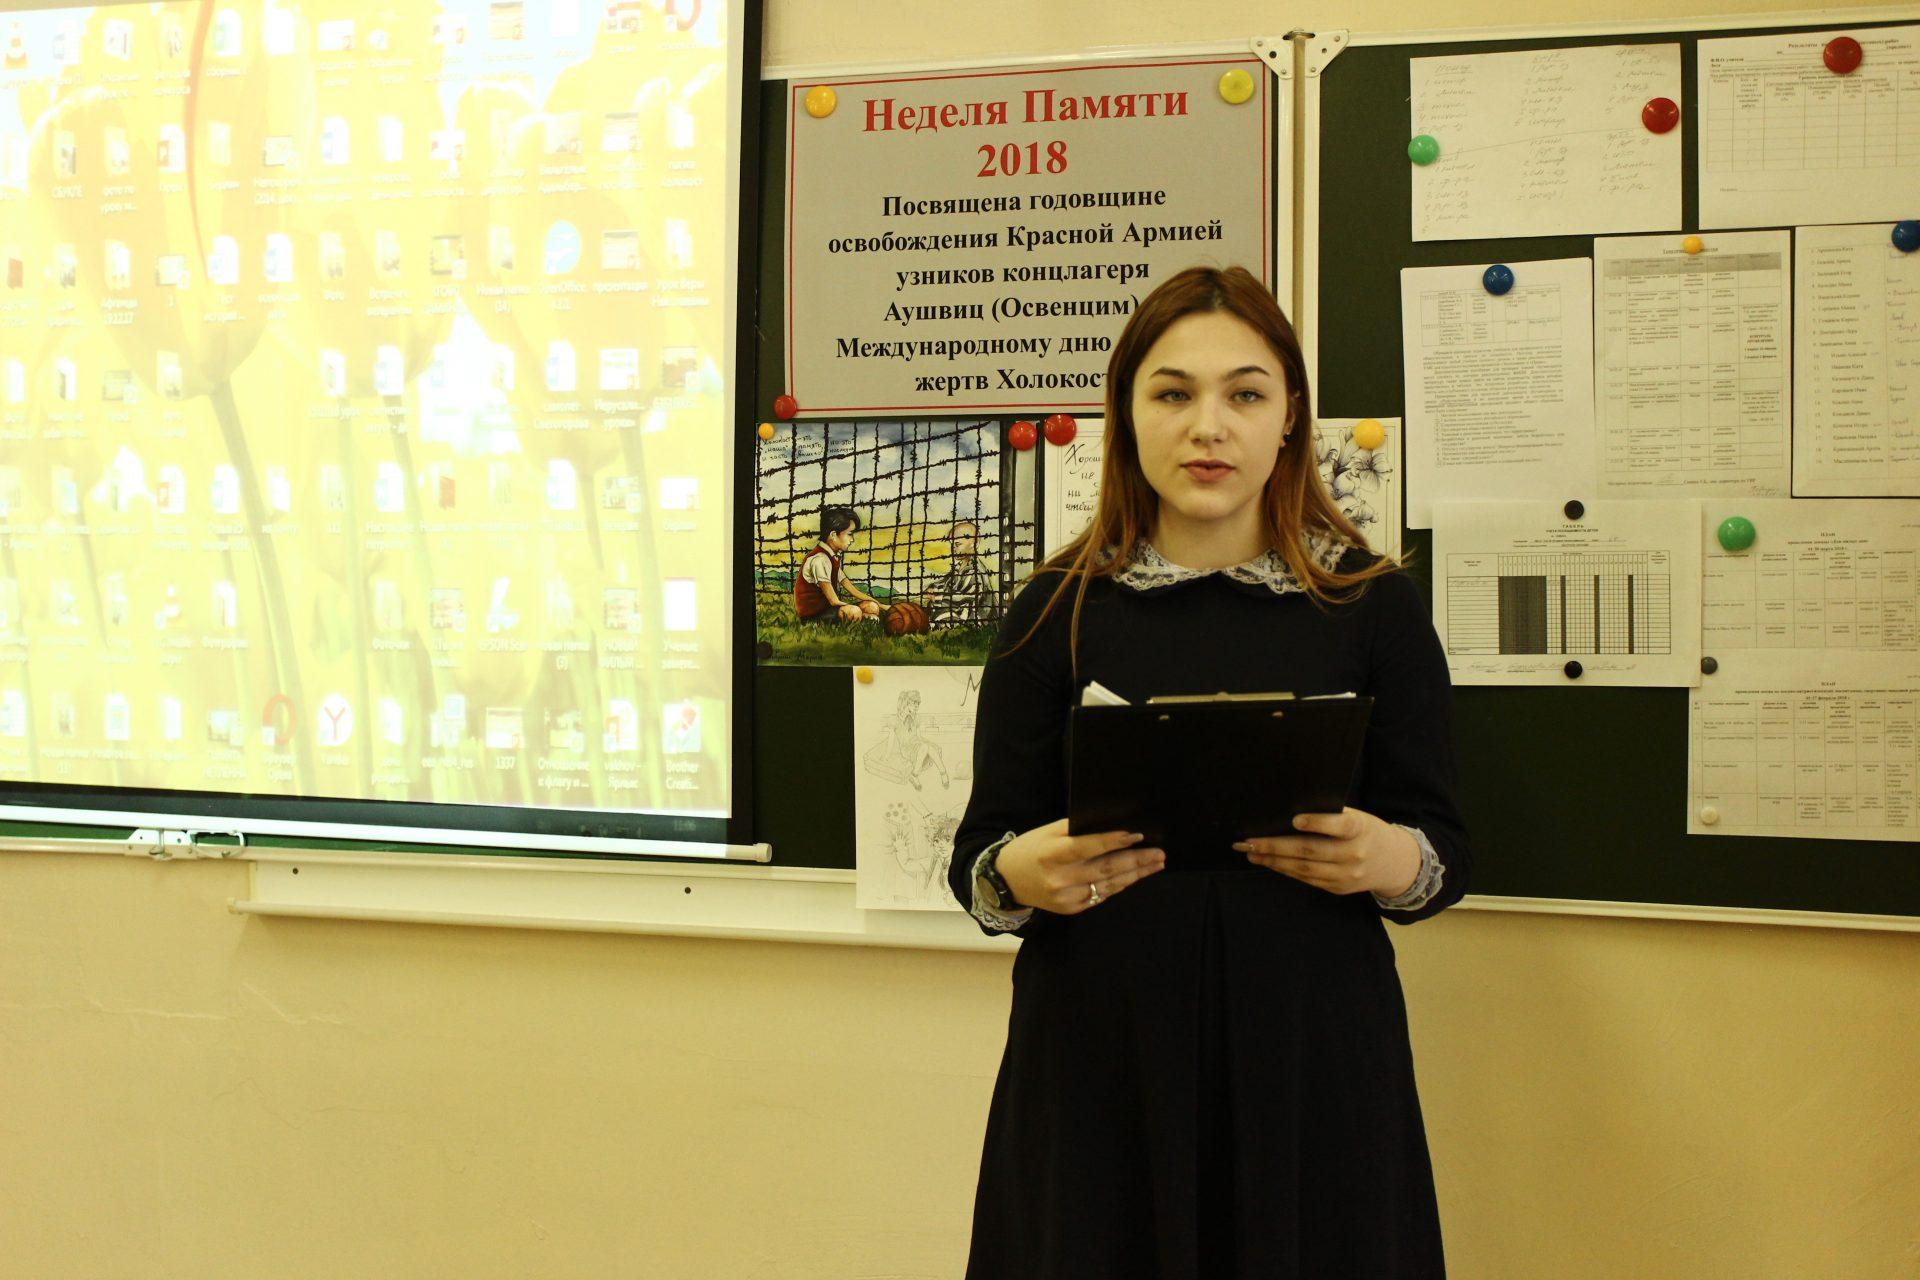 Конференция «Освободители Аушвица» (Освенцим) в школе г. Хабаровска